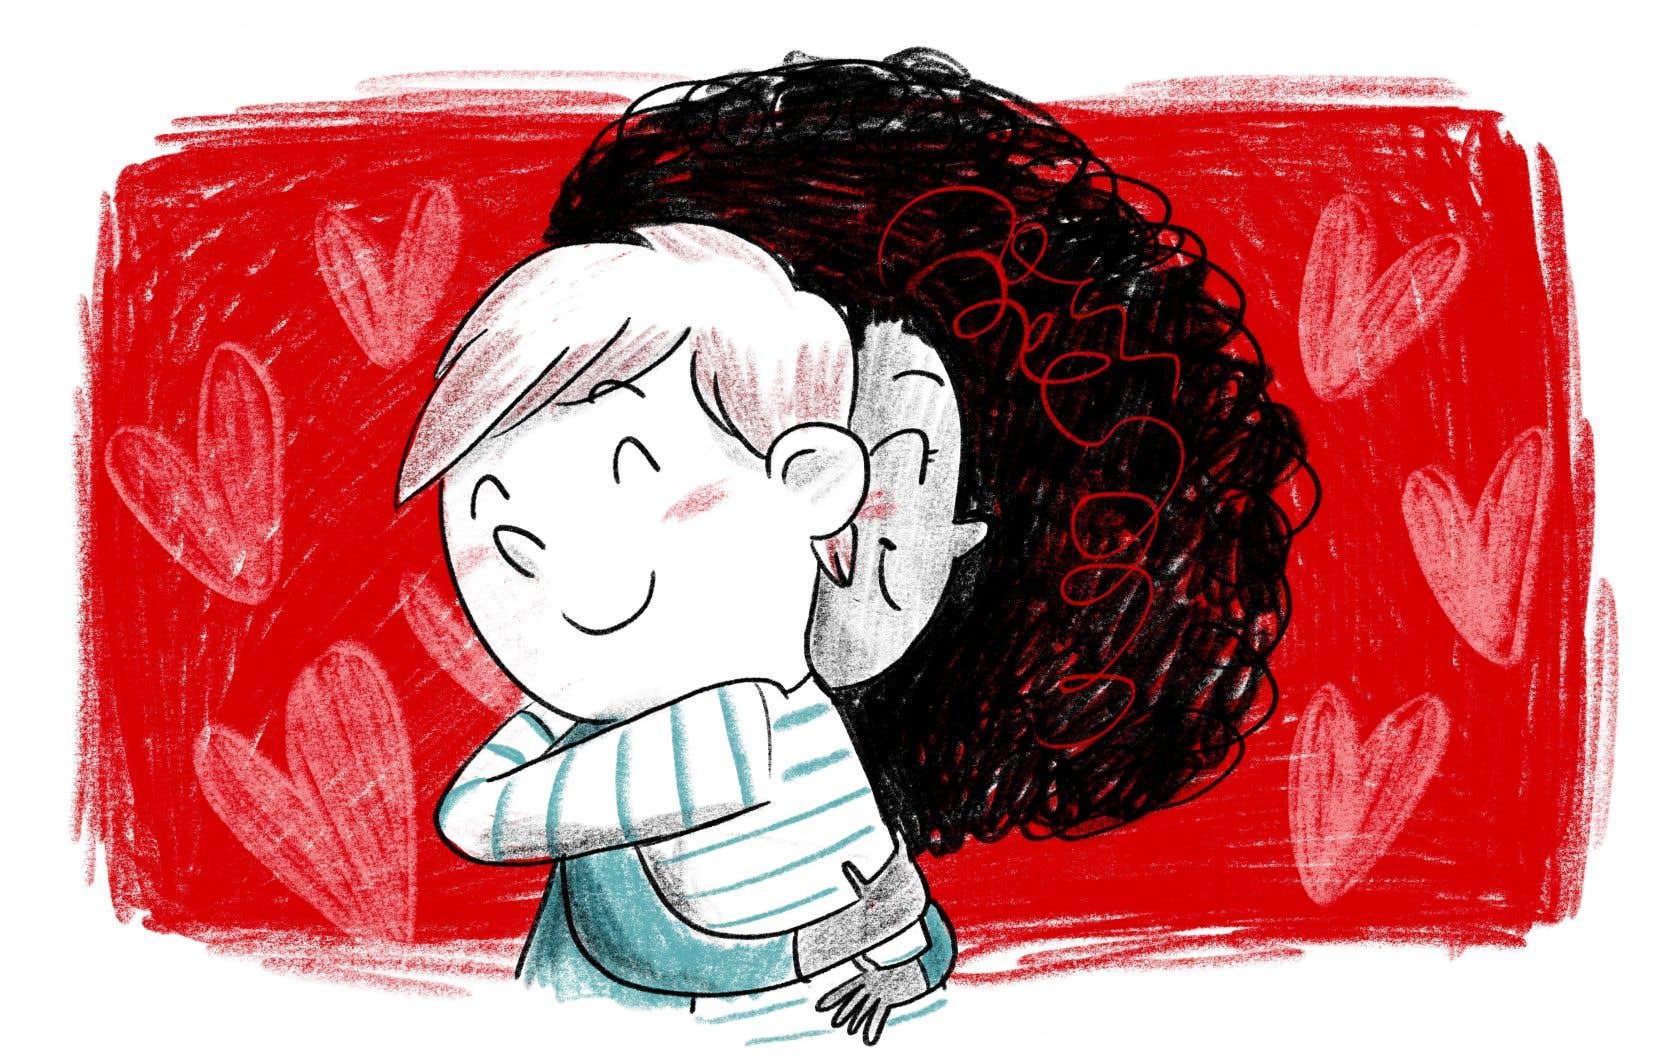 La Saint-Valentin est une fête célébrée le 14 février un peu partout à travers le monde.